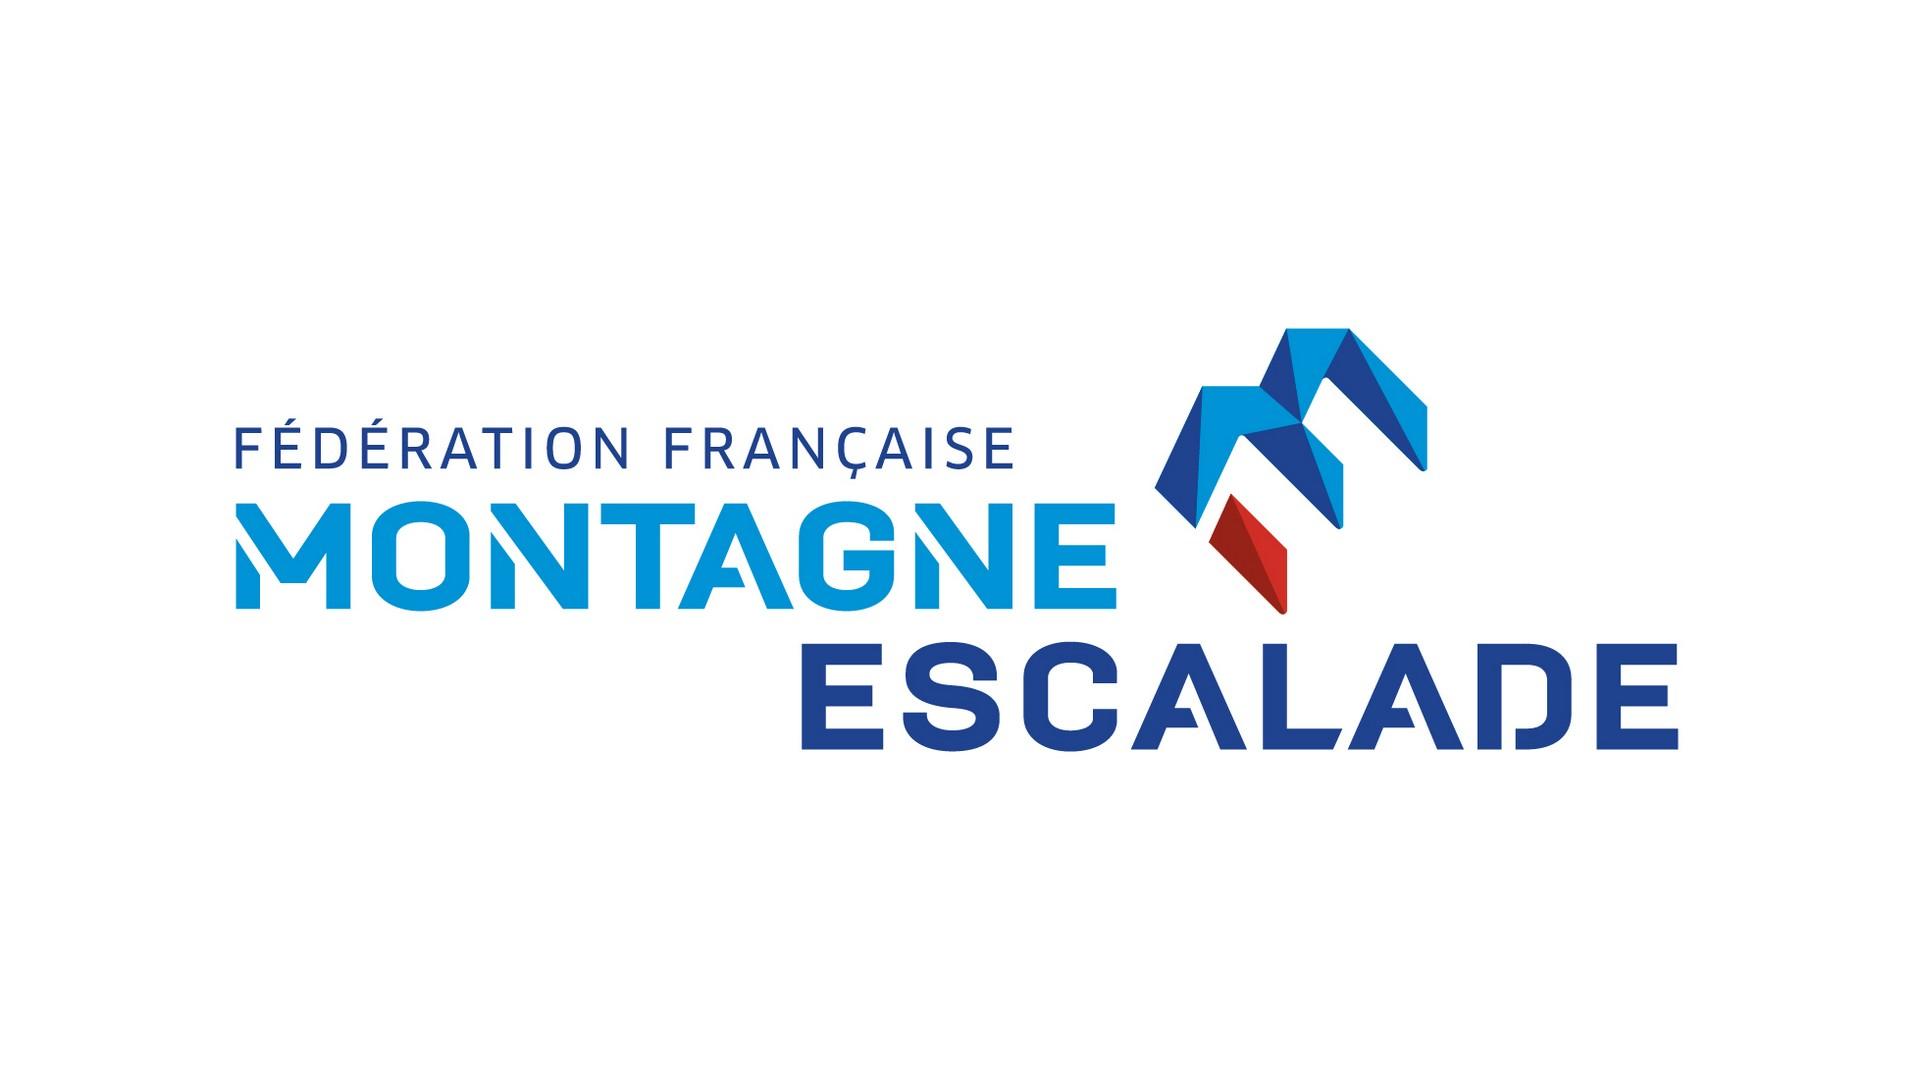 Fédération française de montagne escalade (1) FFME logo